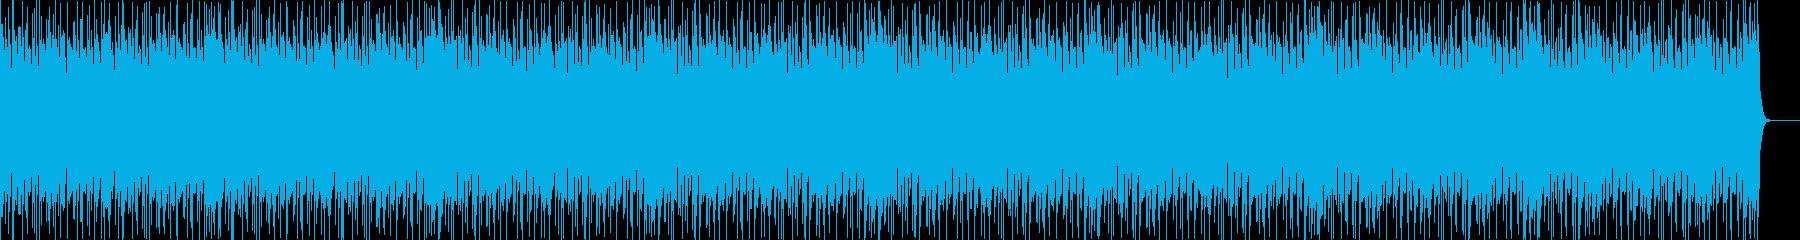 ラテン風の4つ打ちダンスビートの再生済みの波形